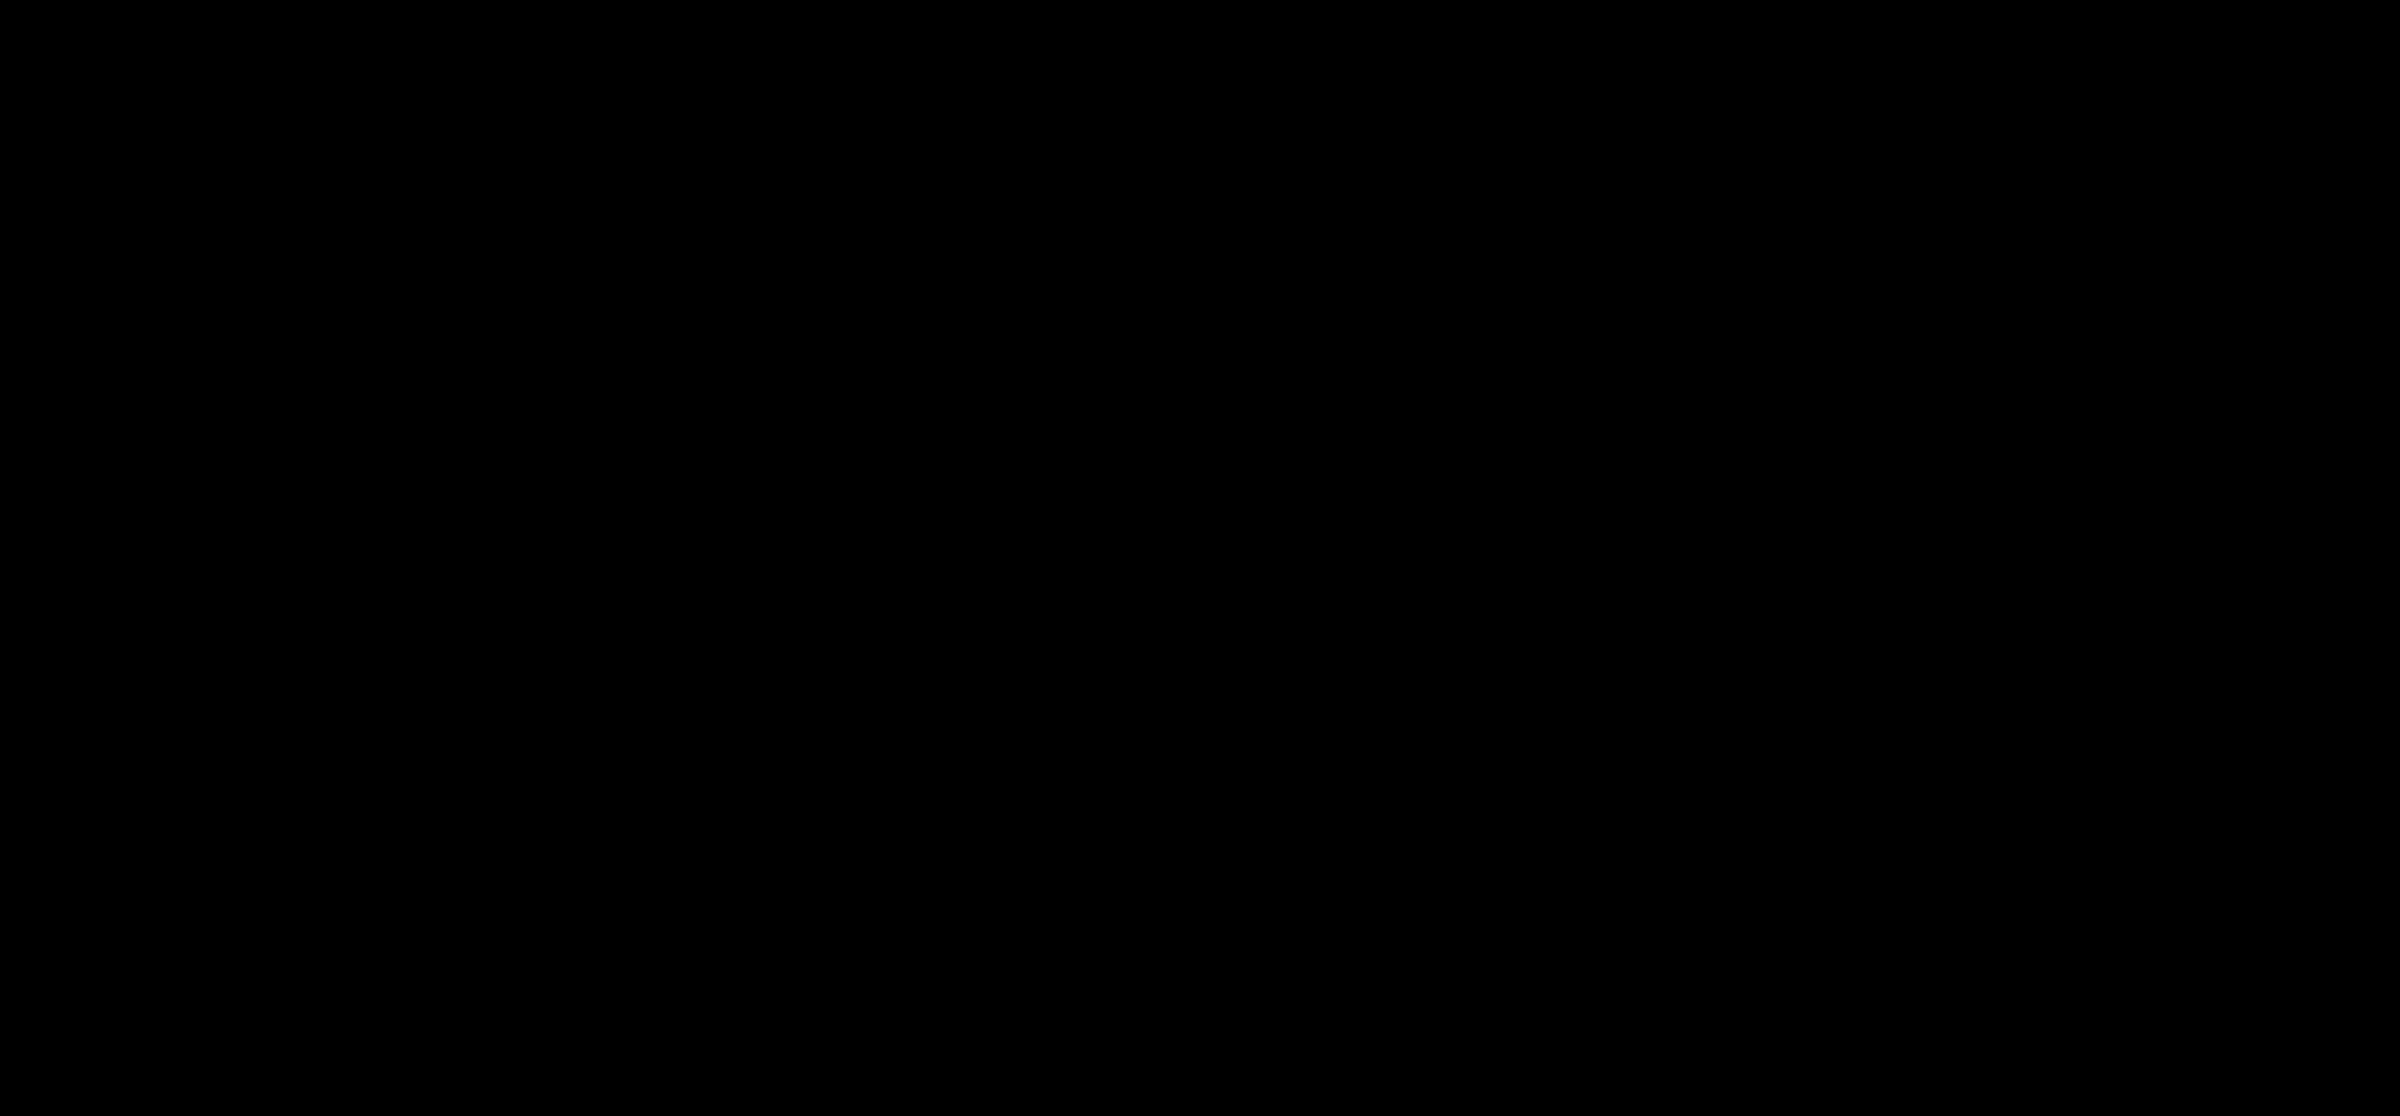 papapishu-Black-snake